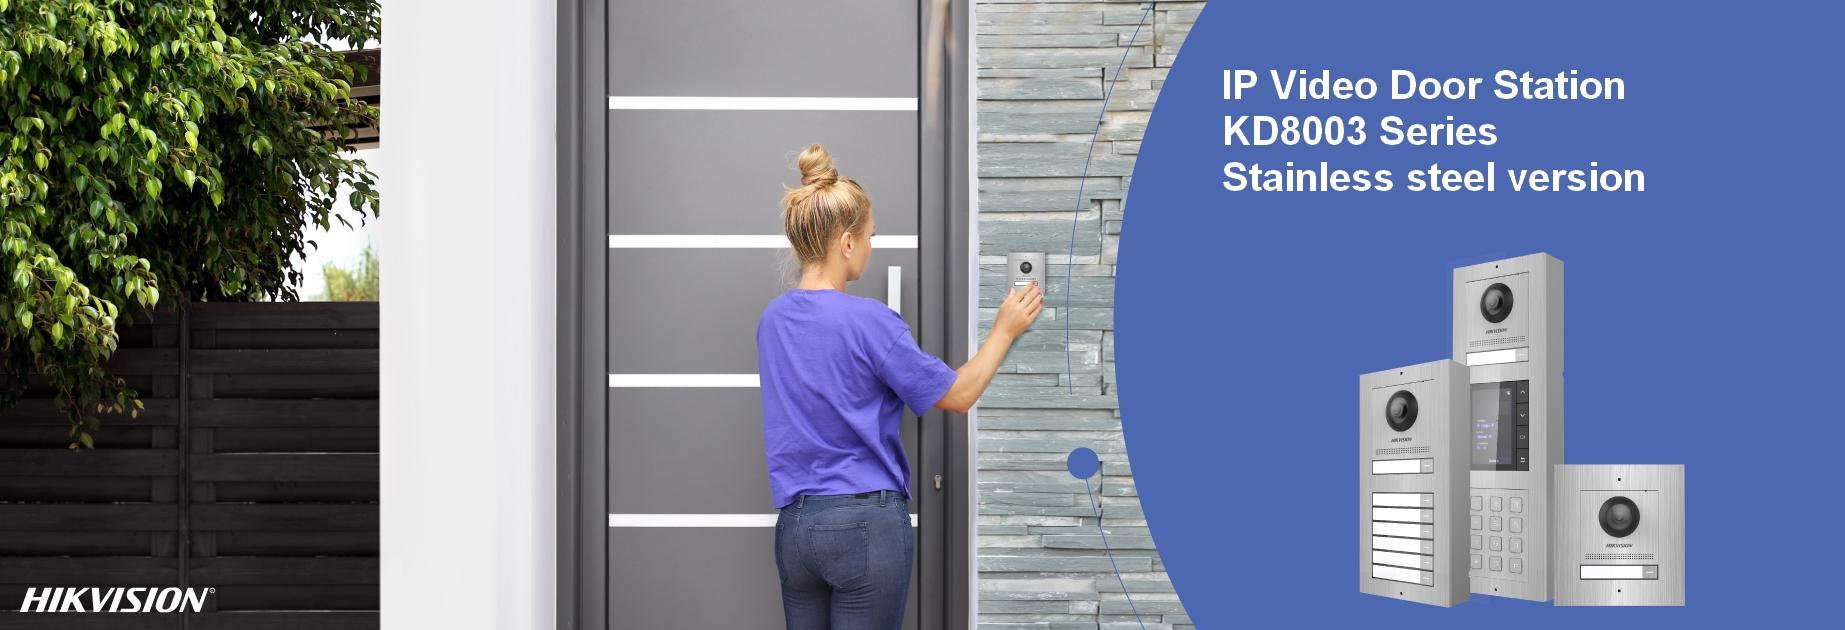 HIKVISION IP Video Door Station inox